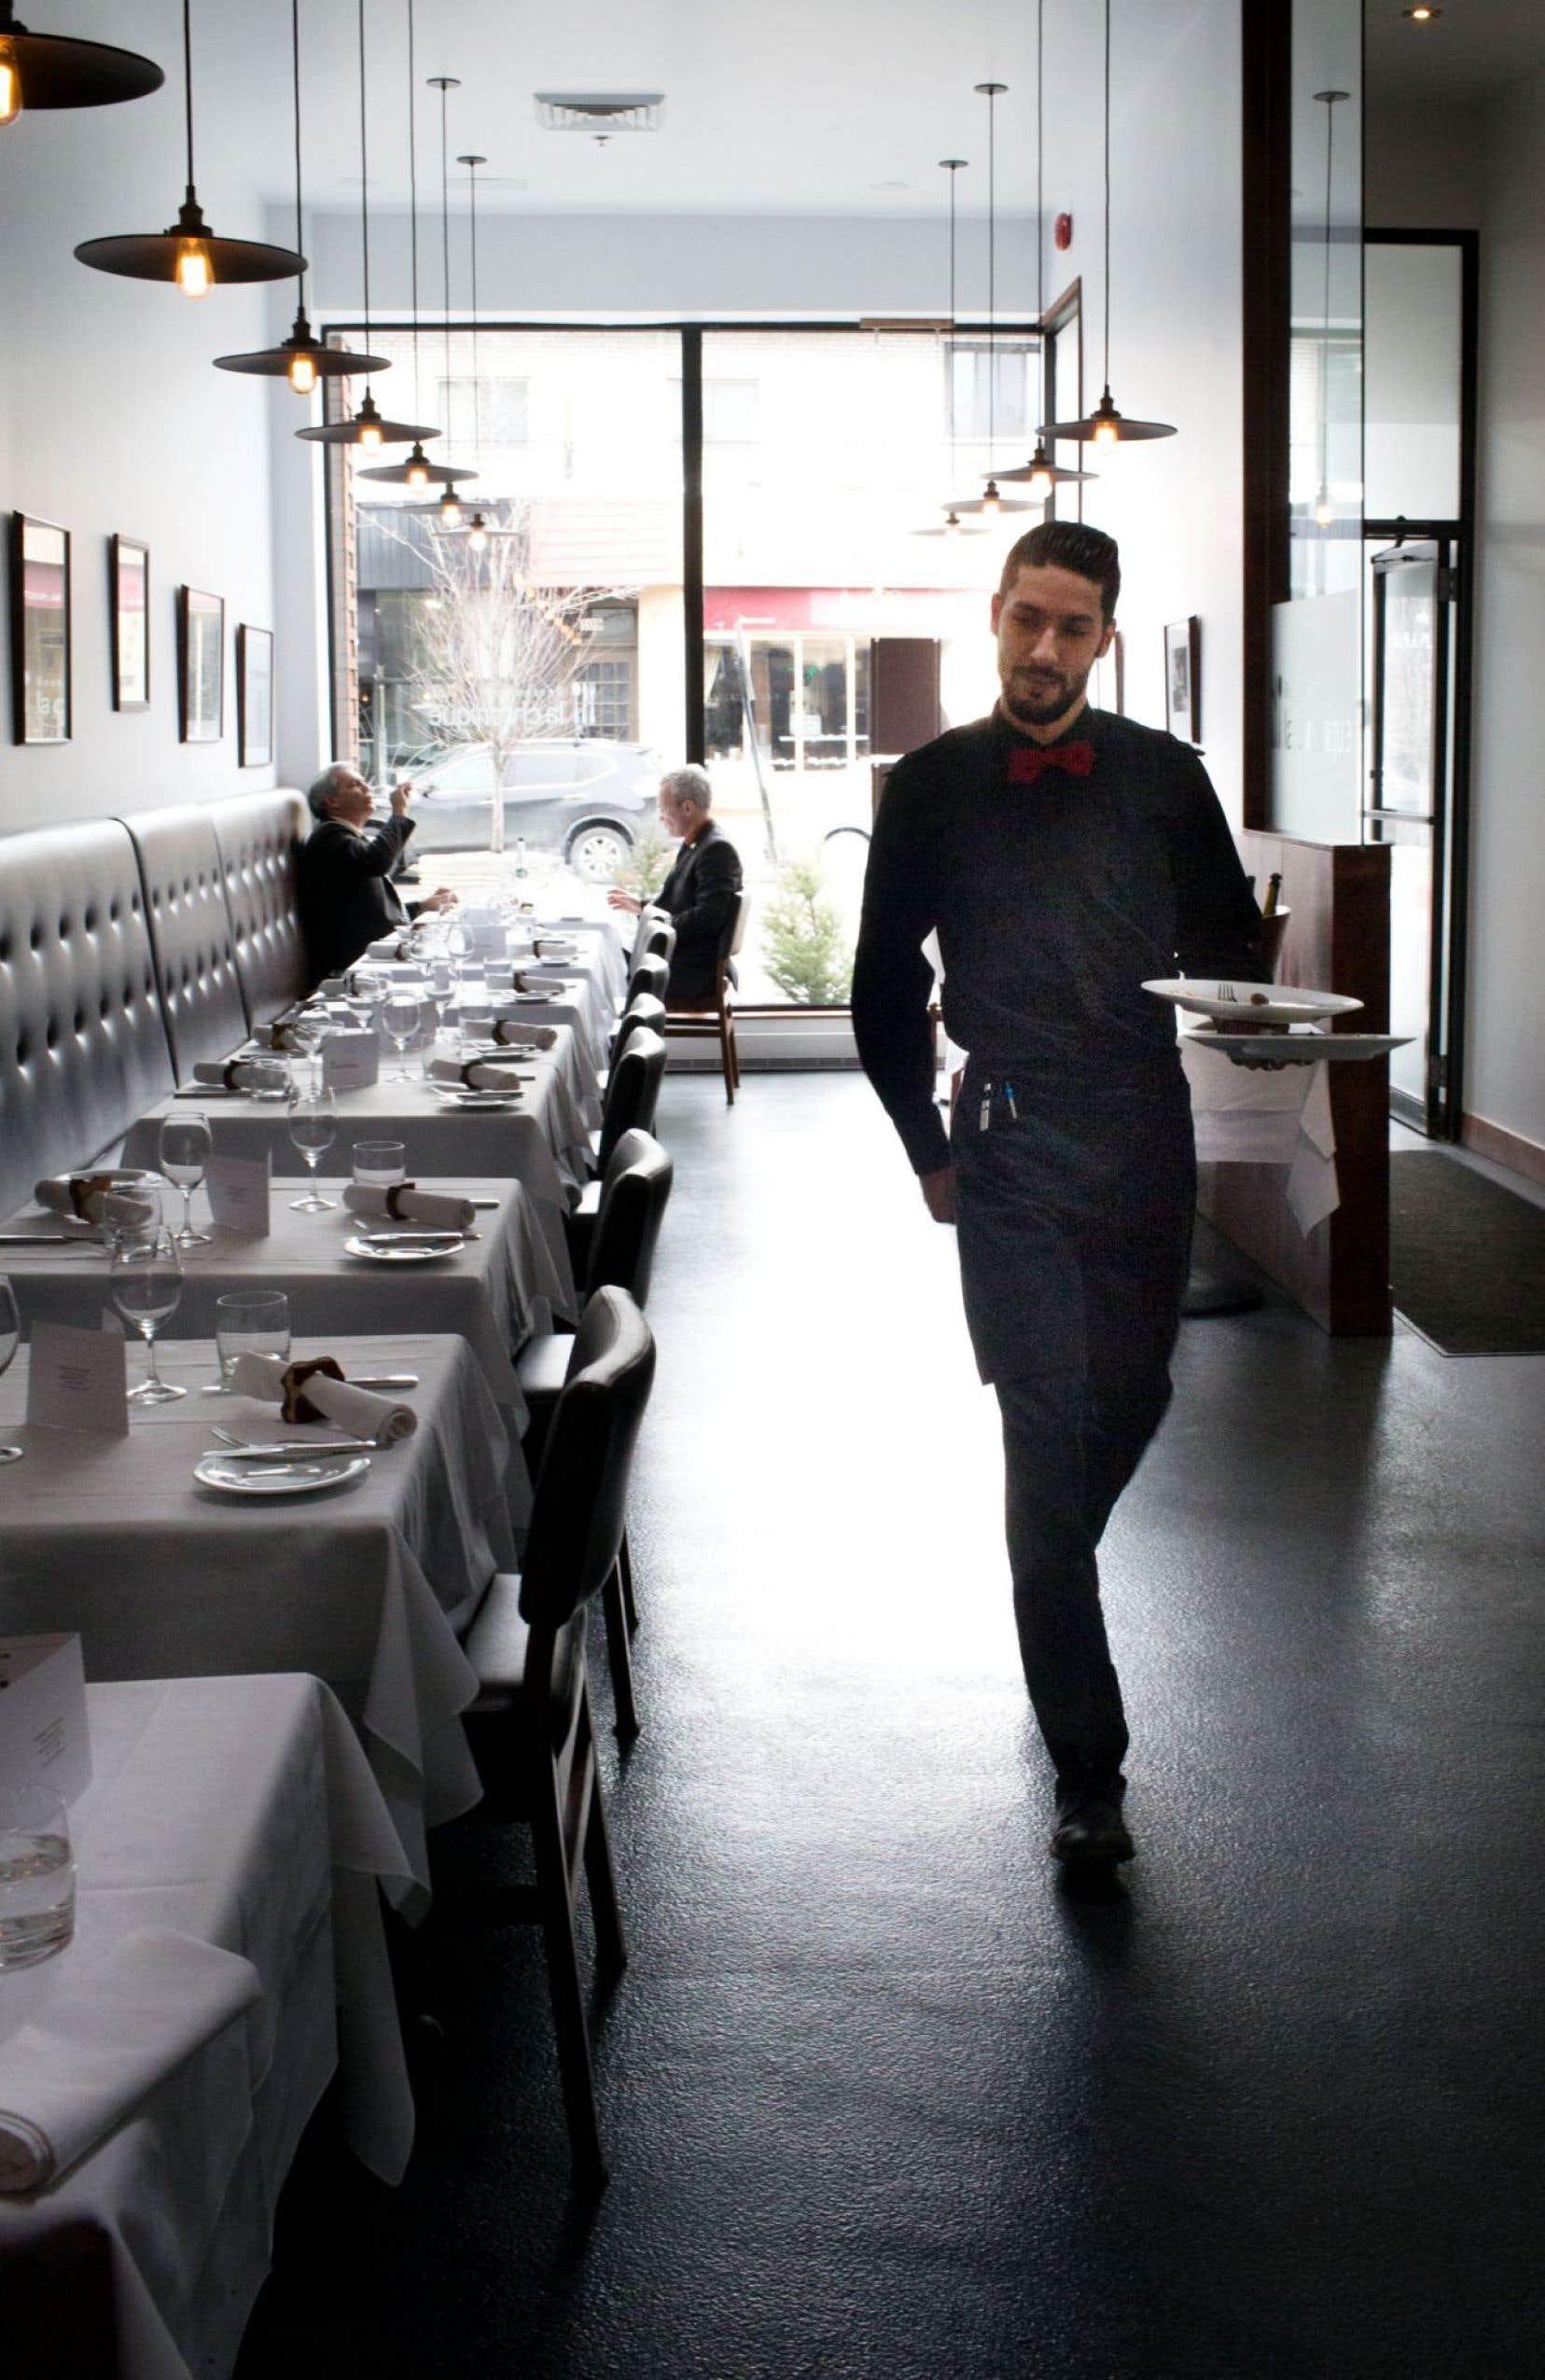 Il y a, à Montréal, une poignée de restaurants où vous pouvez aller les yeux quasi fermés. La cuisine sera toujours soignée, le service impeccable, la carte des vins débordante de propositions et le décor reposant. La Chronique fait partie de ce petit groupe.